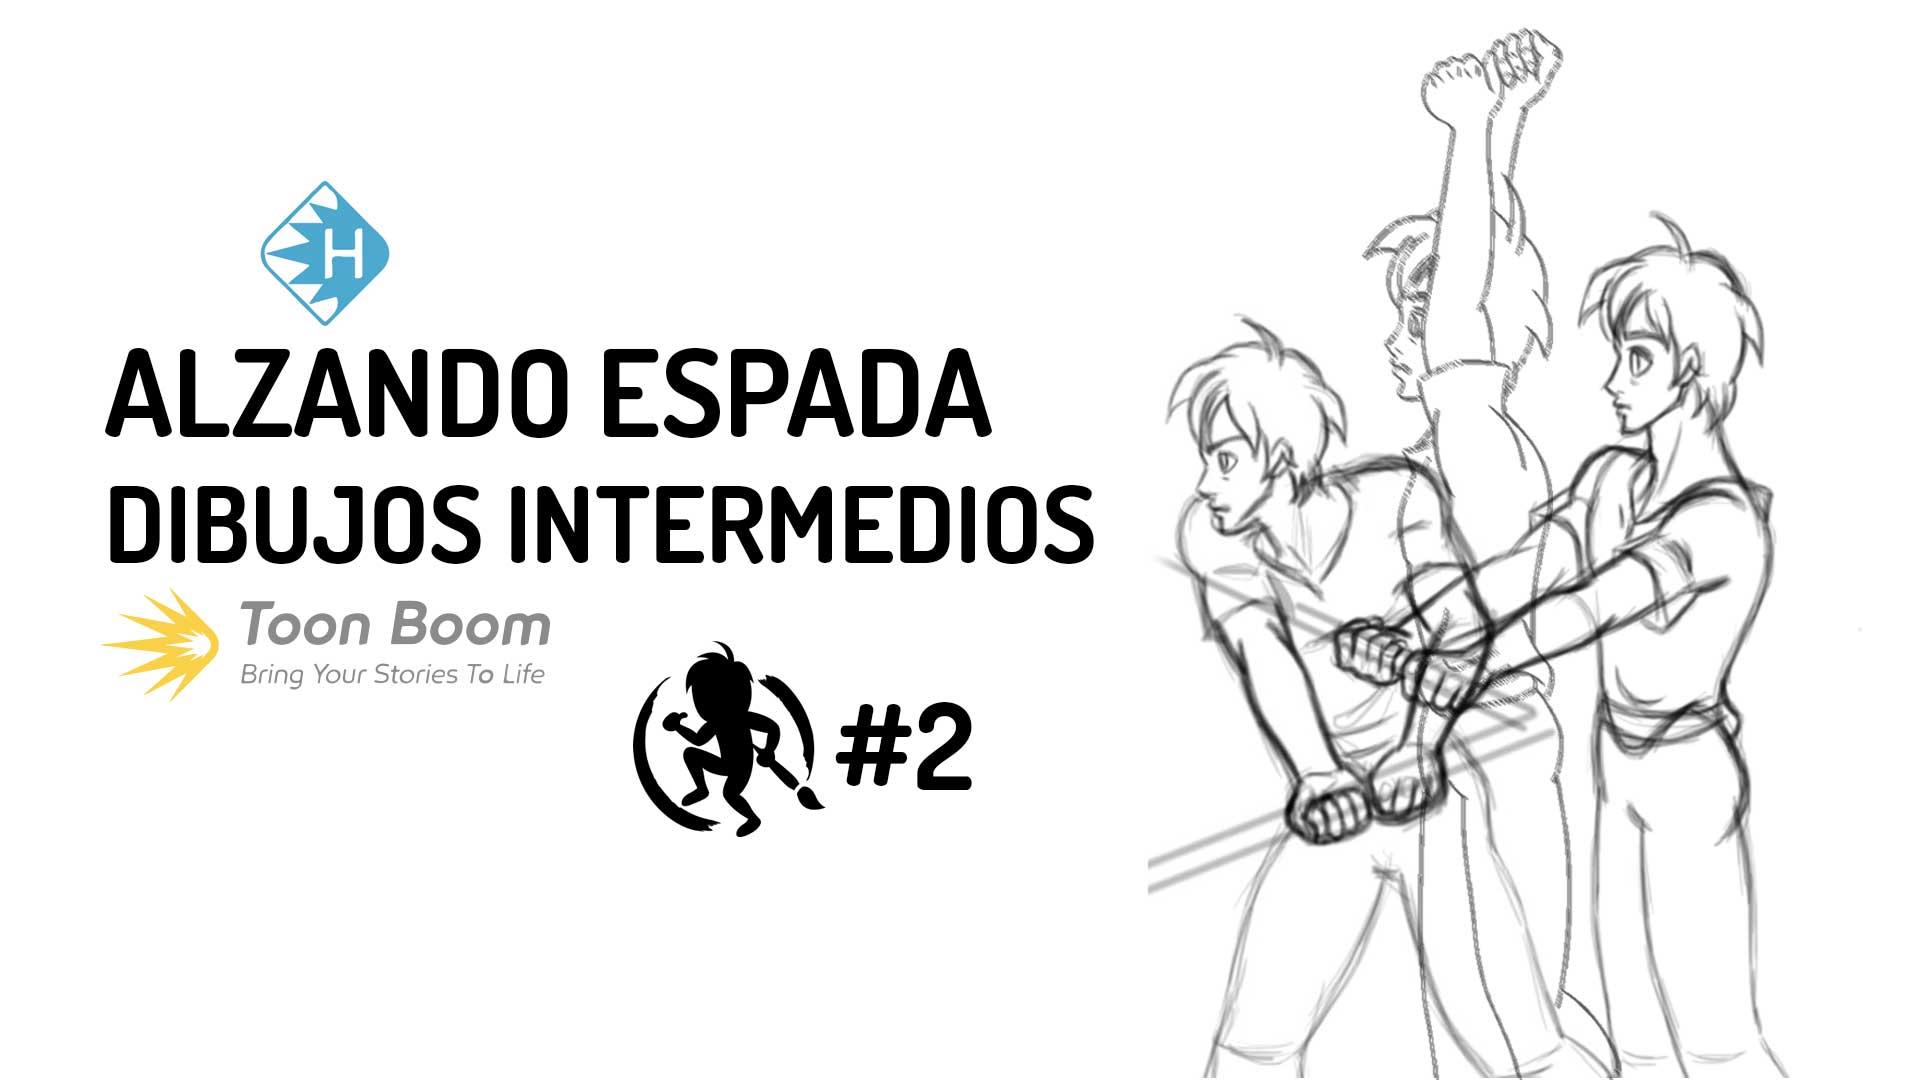 Dibujos intermedios de la animación alzando espada